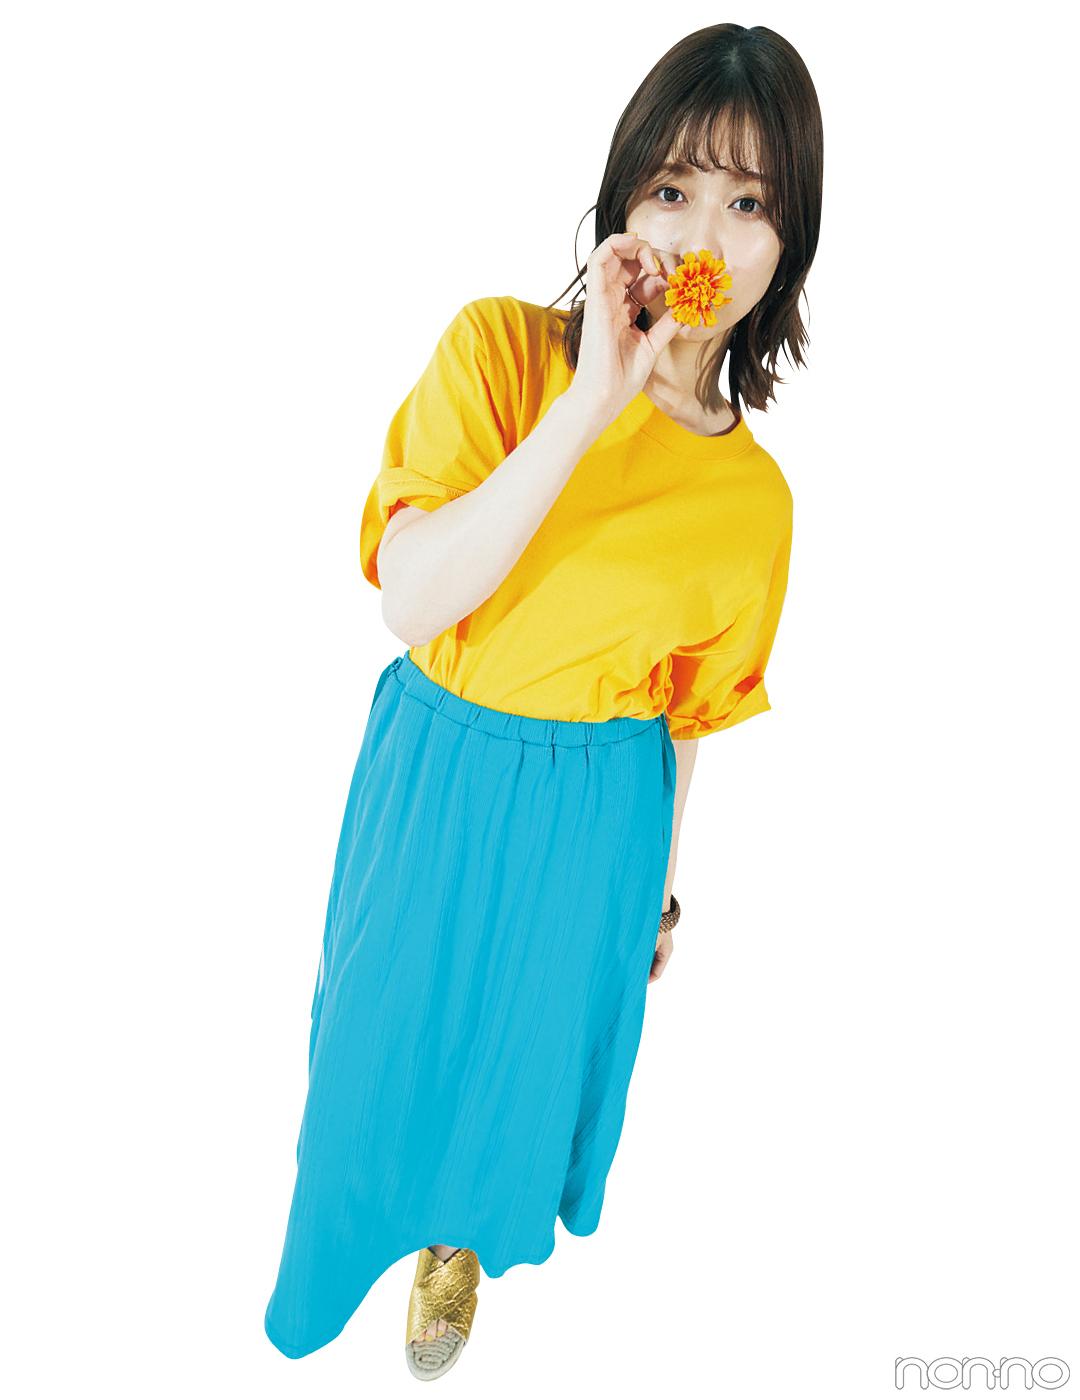 Photo Gallery 渡邉理佐の毎日Tシャツコーデ フォトギャラリー_1_29